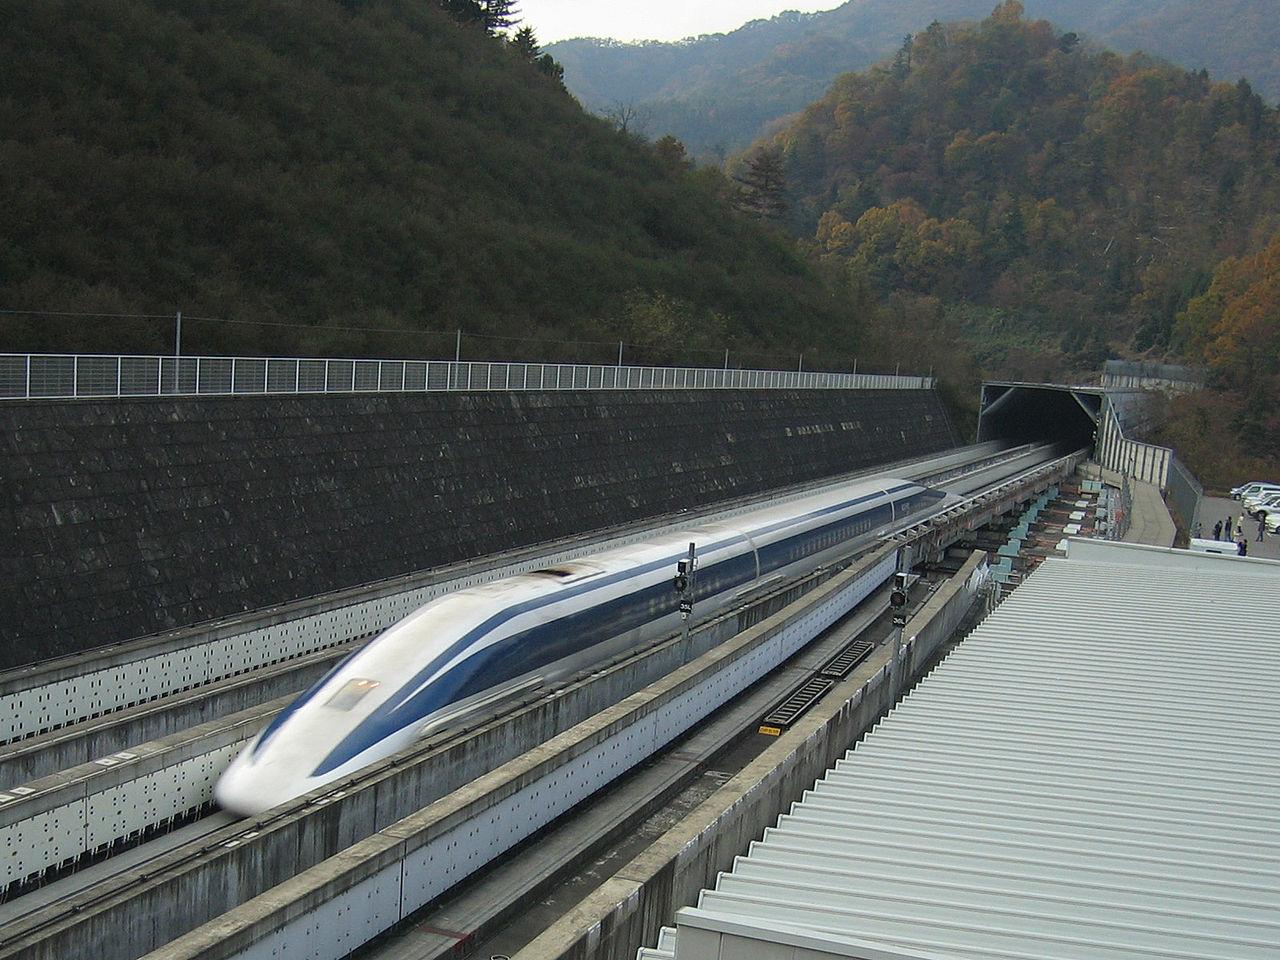 Hızlı Tren Nedir? Hızlı Tren ile ilgili bilgi